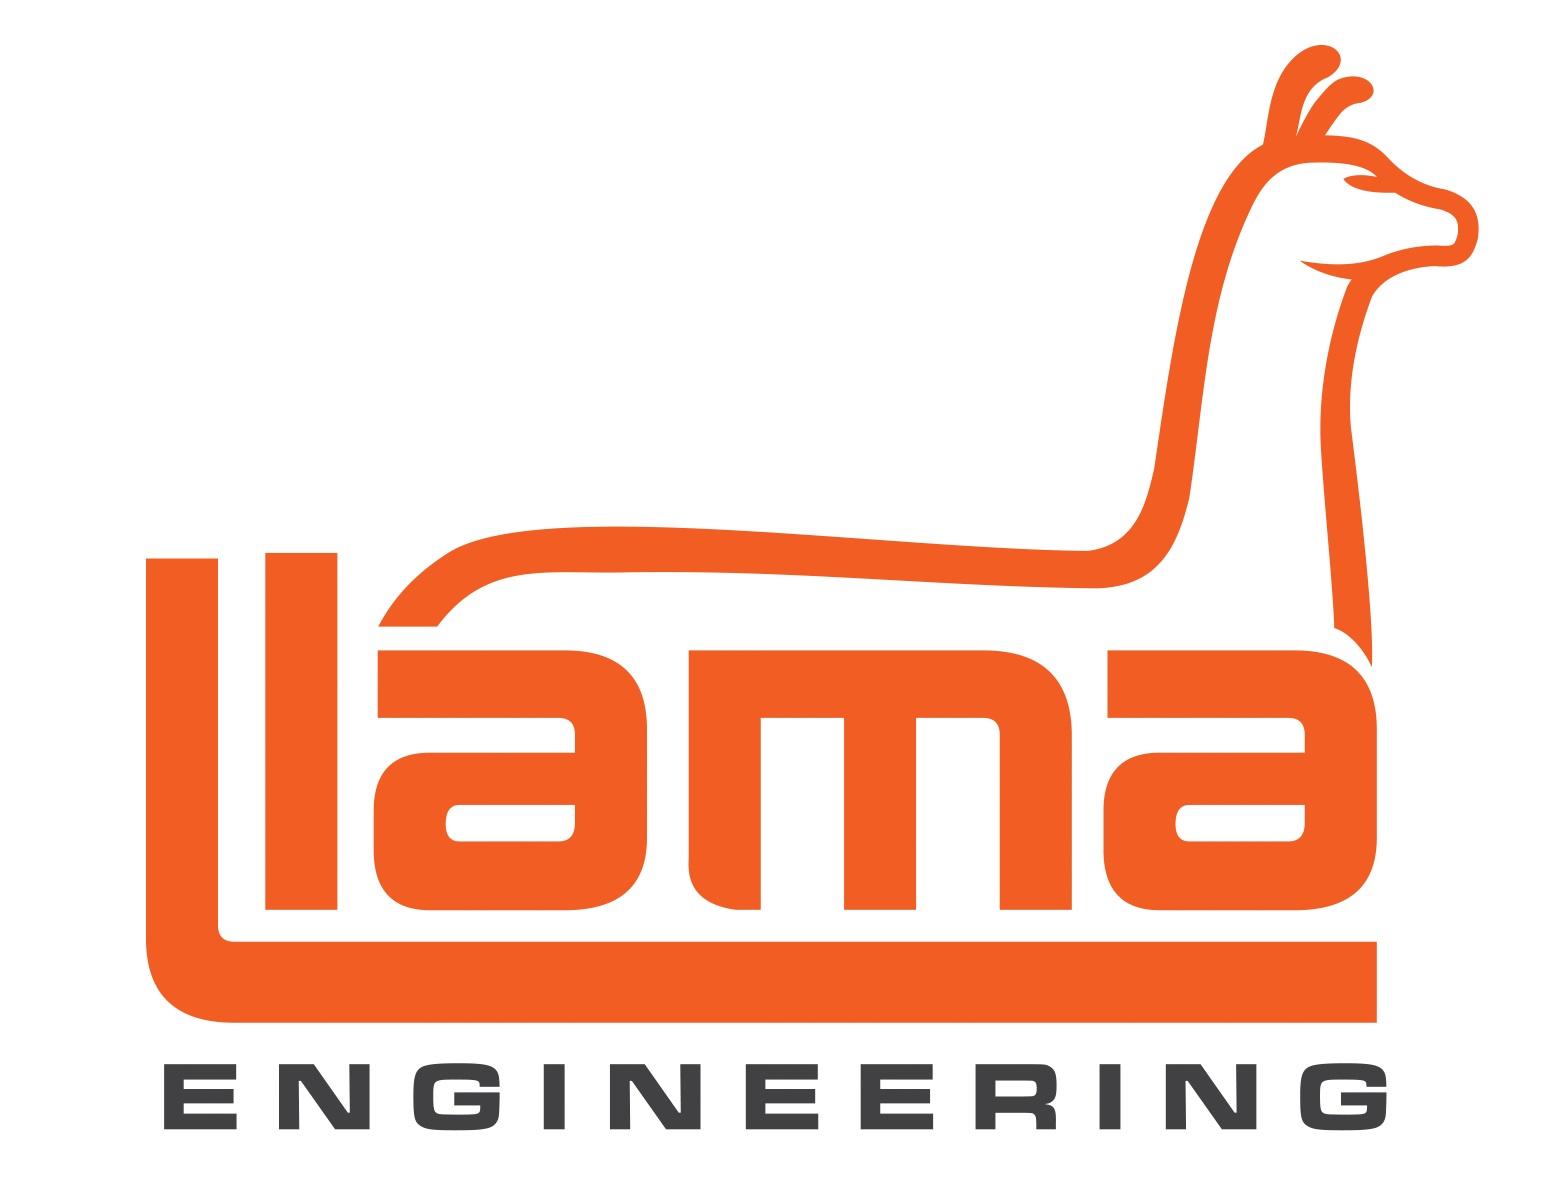 Llama Engineering